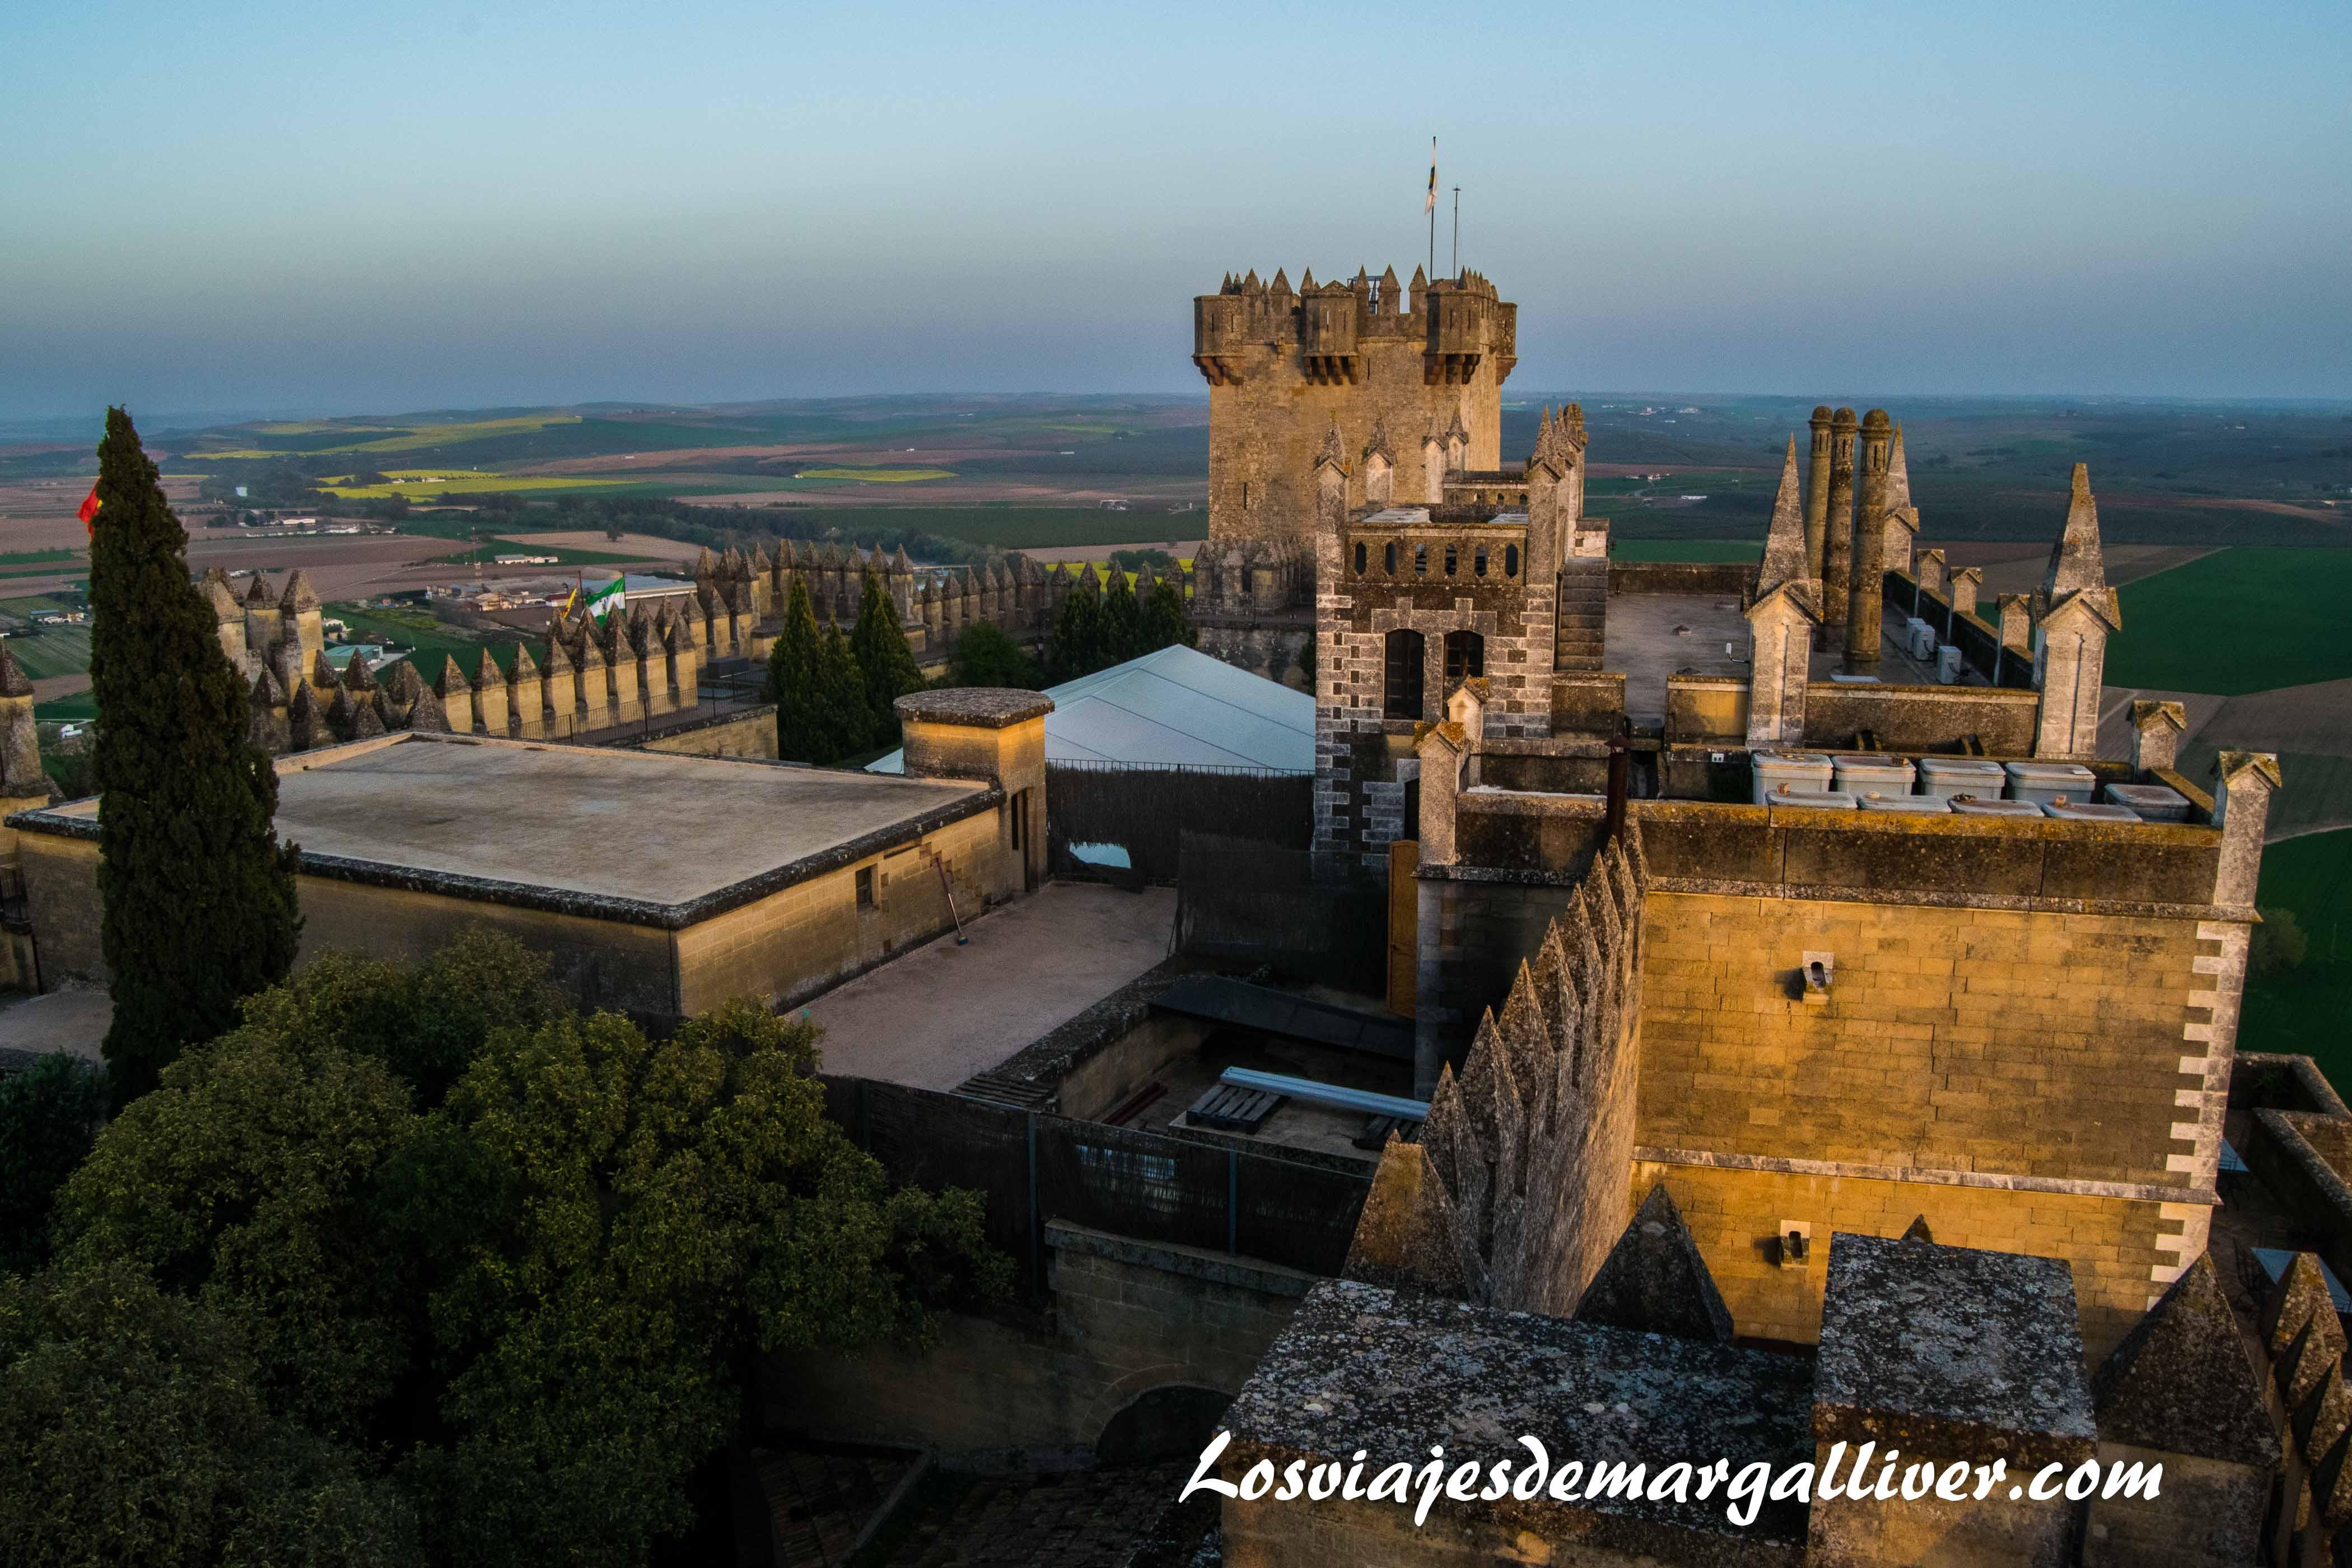 Vistas desde una torre del castillo de almodovar en la ruta de Juego de Tronos - Los viajes de margalliver